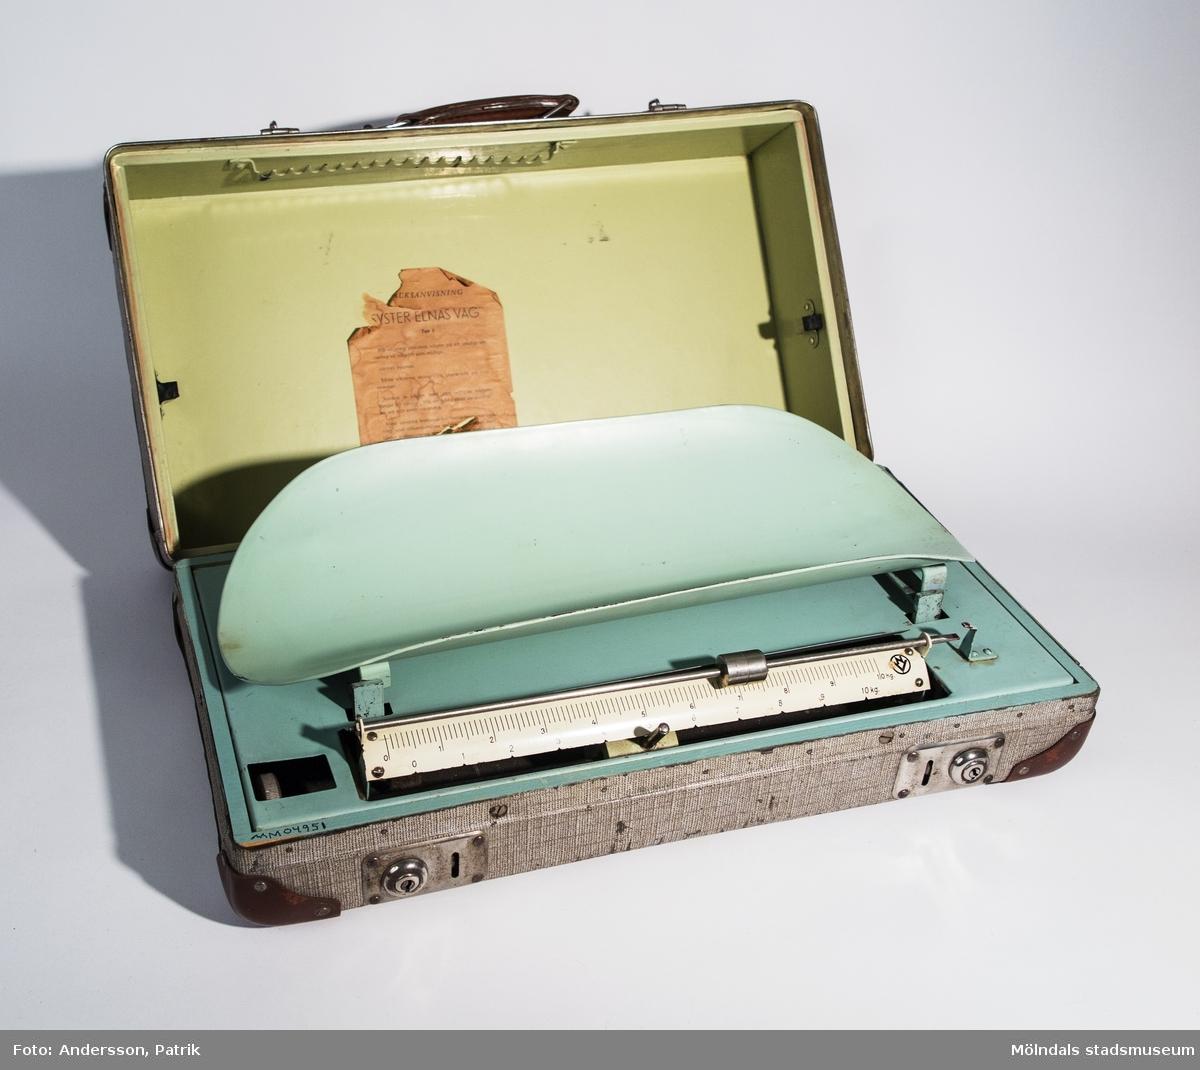 """Barnvågen - """"Syster Elnas Våg"""", tillverkad av Nynäshamns vågfabrik AB troligtvis någongång under 1940- eller 50-talet.Vågen är portabel för att sköterskor ska kunna ta med sig den vid hembesök. Den liknar en liten resväska. Väskan är smårutig som går i brunt och vitt. Hörnen är beklädda med brunt läder. Vid handtaget som också är av brunt läder sitter en blå liten plåtskylt med texten: """"AXEL KISTNER Syster Elnas Våg STOCKHOLM - GÖTEBORG"""". Man öppnar och stänger väskan med två blanka metallbeslag.När man öppnar väskan sitter vågskålen med dess underrede fast på väskans insida. Vågskålen och dess underrede är i turkos plåt. Mätstickan är vit. Lockets insida är klädd i ljusgrön plåt. Där finns ett mycket slitet och gulnat papper fastklistrat. På pappret finns bruksanvisningen för vågen tryckt med svart text:""""BRUKSANVISNINGSYSTER ELNAS VÅGTyp 2Vid vägning placeras vågen på ett stadigt underlag så vågrätt som möjligt.Locket öppnas.Båda vikterna skola vara placerade på nollstrecket.Justera in vågen med den refflade muttern längst till vänster, tills de båda röda siktpunkterna stå mitt emot varandra.Med särskild konstruerad fastspänningsanordning som tillhandahålles av oss … vågen med fördel transporteras … såväl cykel som sparkstötting.Är väskan ordentligt stängd, är vågen oöm för transporter.NYNÄSHAMNS VÅGFABRIK ABNYNÄSHAMN""""MåttVäska - Längd: 535 mm, Bredd: 295 mm, Djup: 154 mmVågskålens underrede - Längd: 500 mm, Bredd: 260 mmVågskål - Längd: 490 mm, Bredd: 214 mm"""